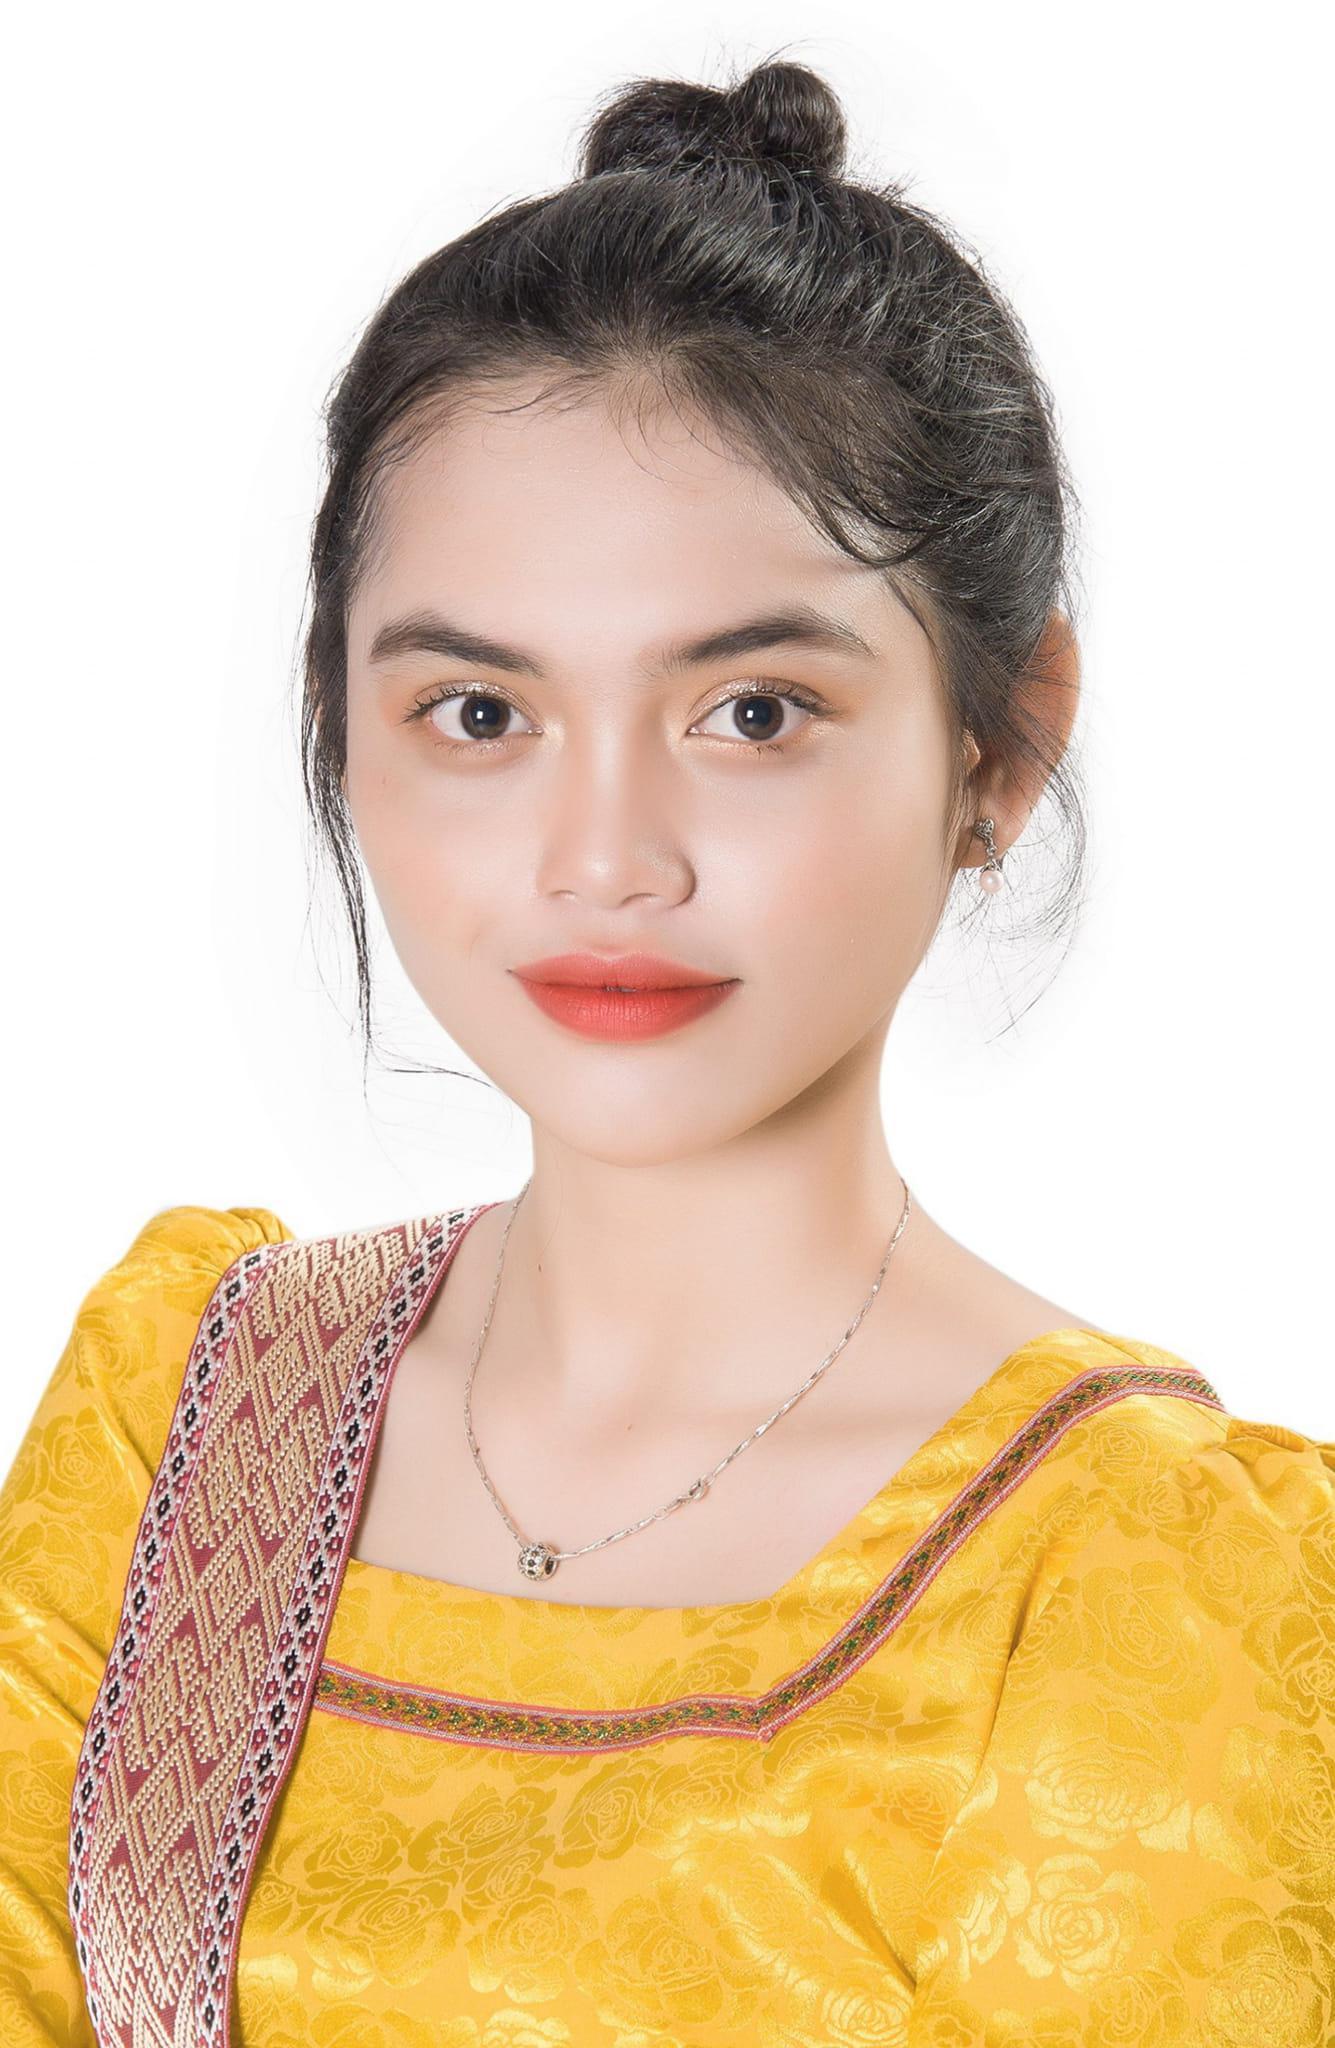 Nữ sinh người Chăm cao 1m76 gây bão khi tham dự Hoa hậu Hoàn Vũ Việt Nam 2021 - ảnh 1